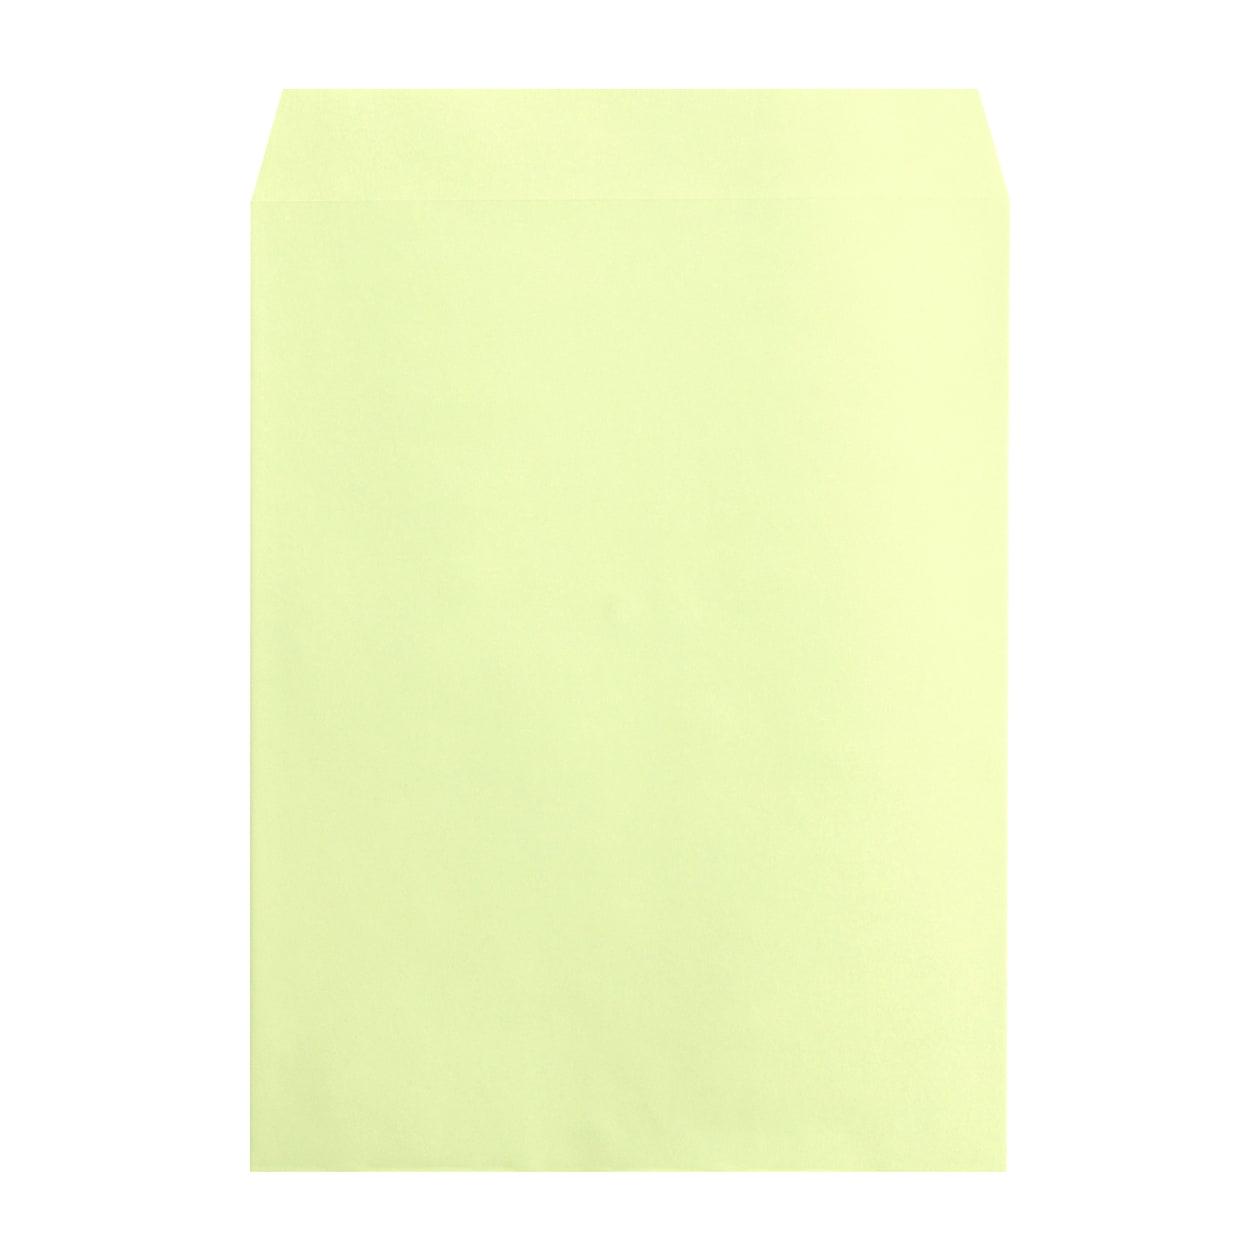 角3封筒 エコフレンドリーカラー リーフグリーン 100g